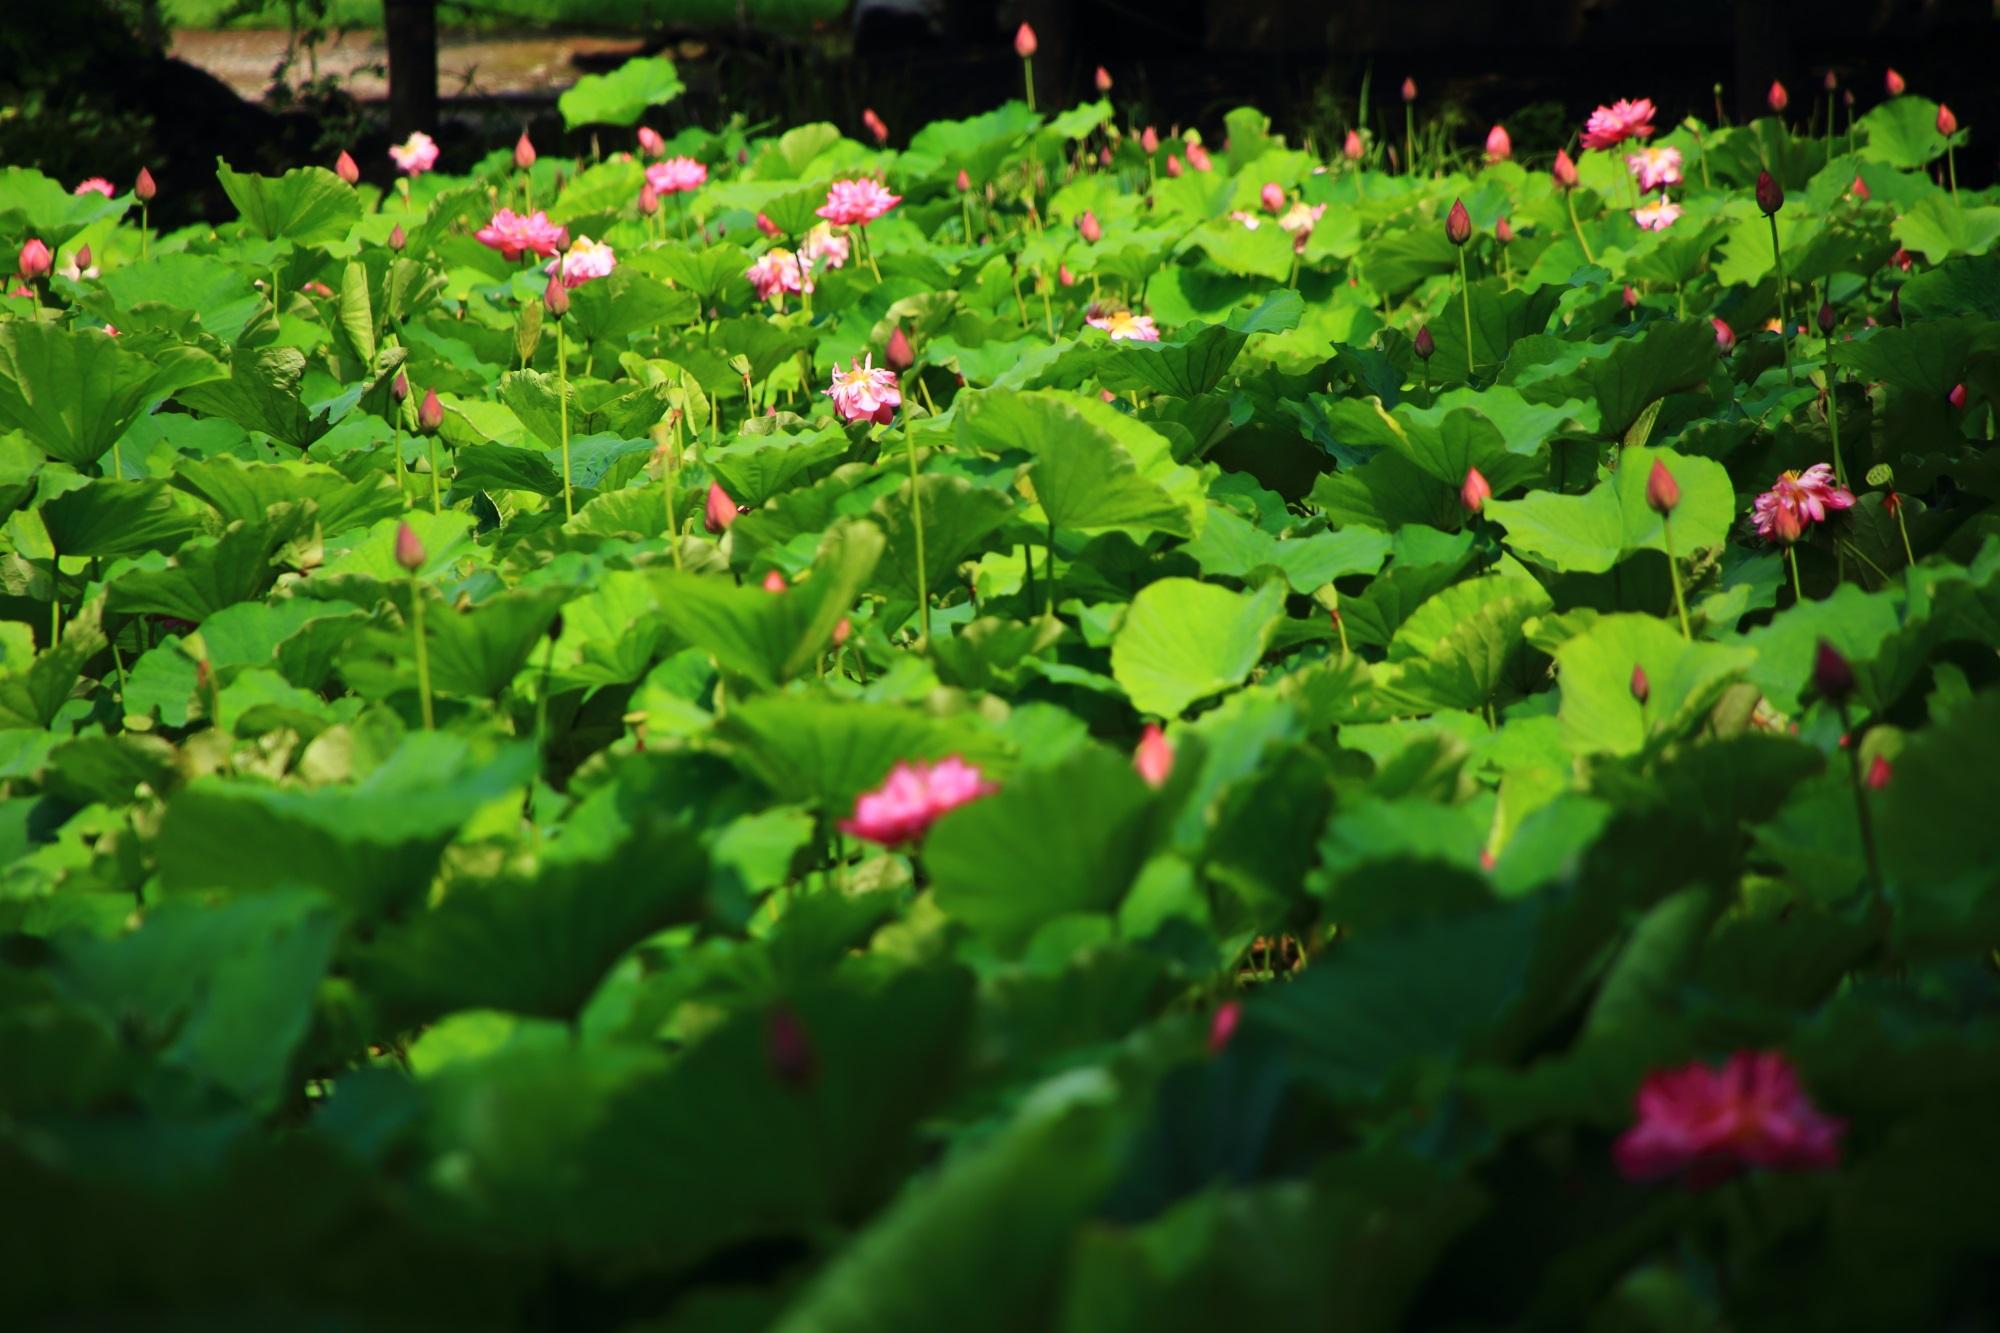 賑やかに咲き誇るピンクの蓮の花と波のような緑の蓮の葉